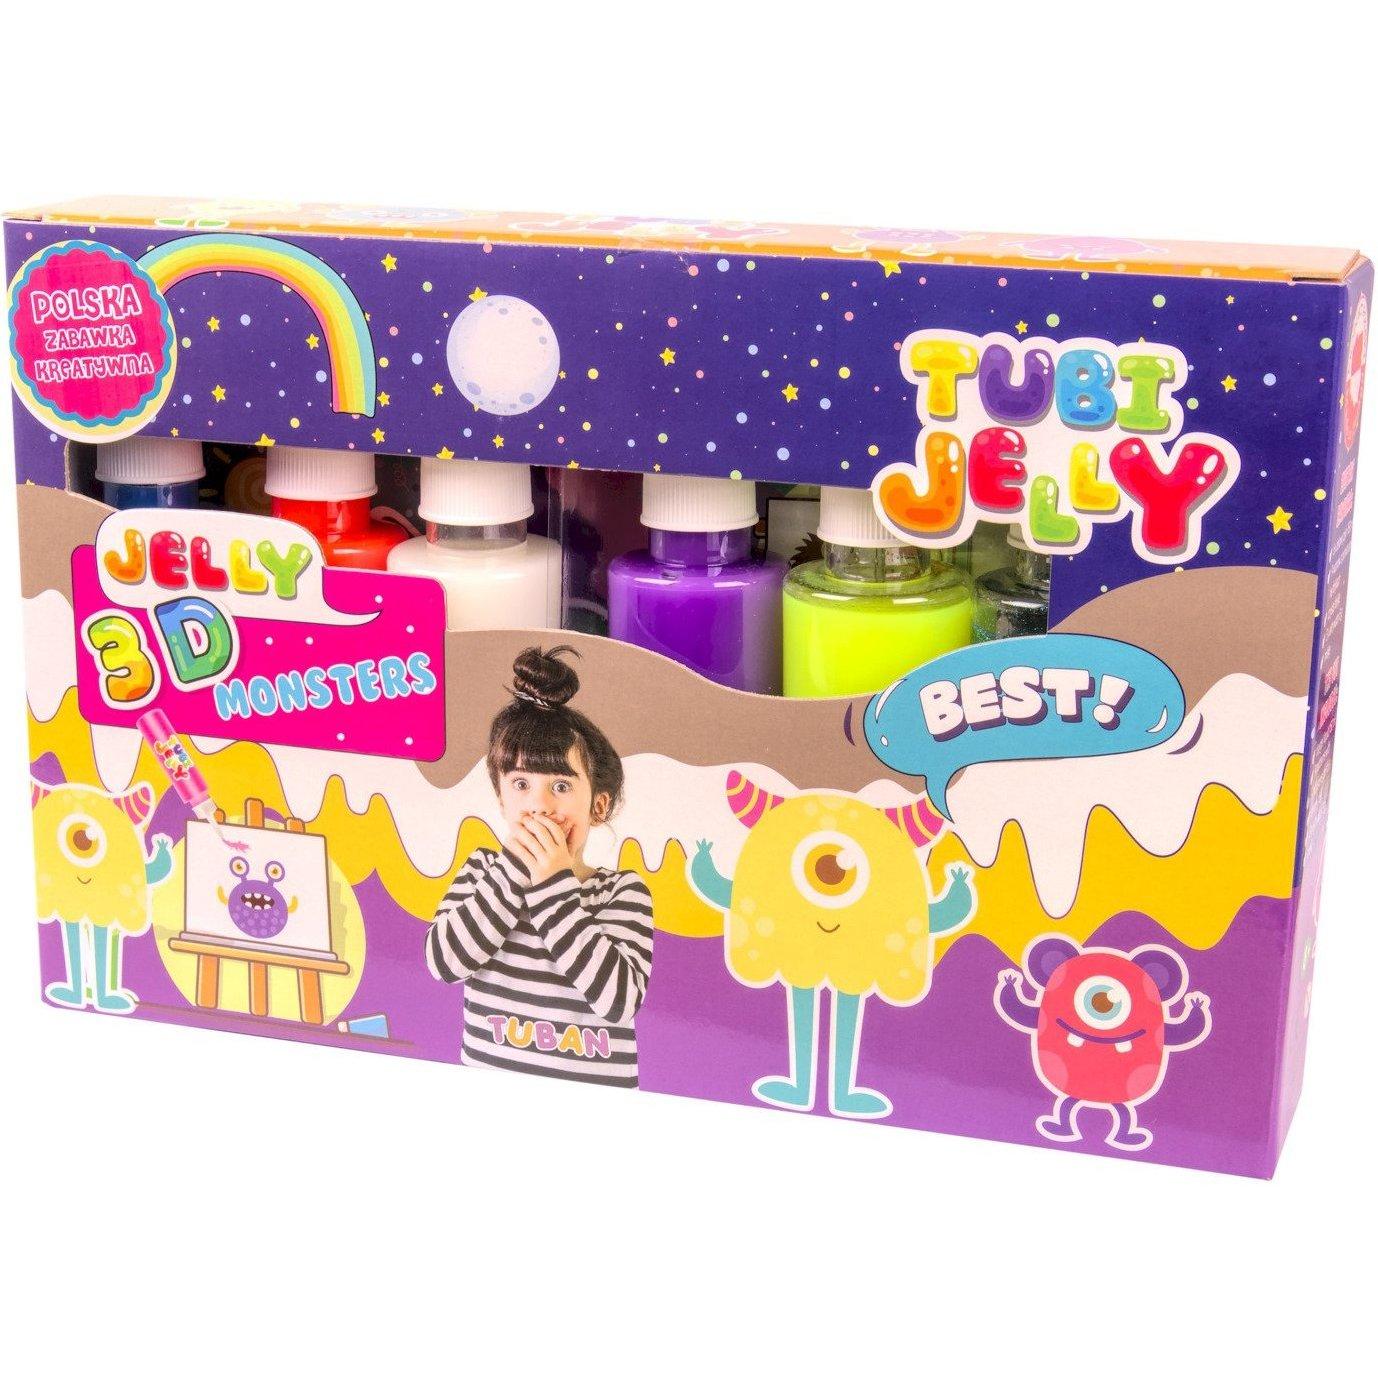 Set Tubi Jelly cu 6 culori - Monstri Tuban TU3324 imagine